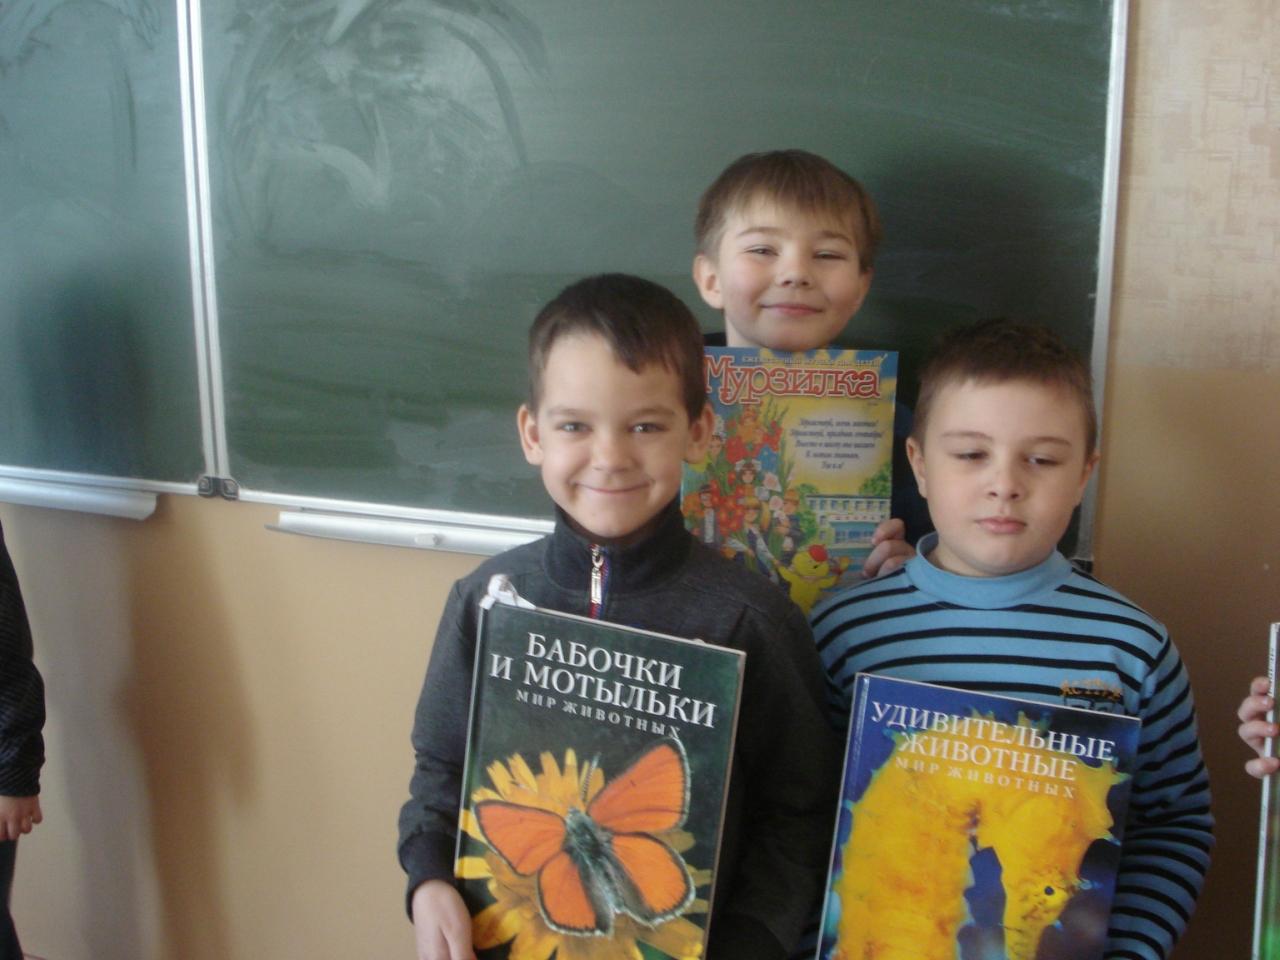 планета земля наш дом,экология,экологическое воспитание детей,донецкая республиканская библиотека для детей